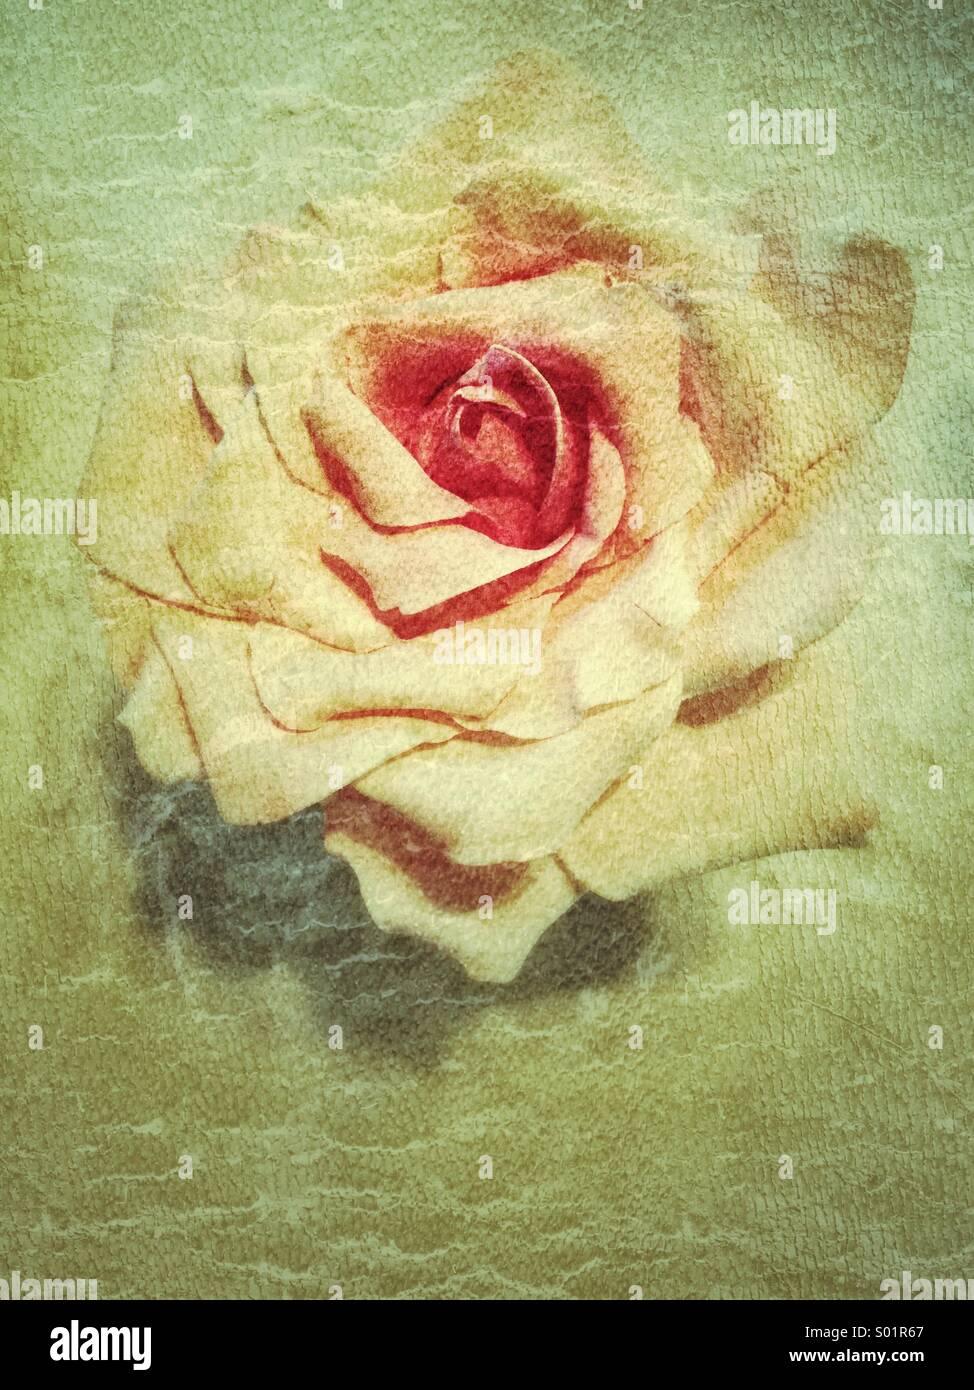 Rose blossom, vintage - Stock Image